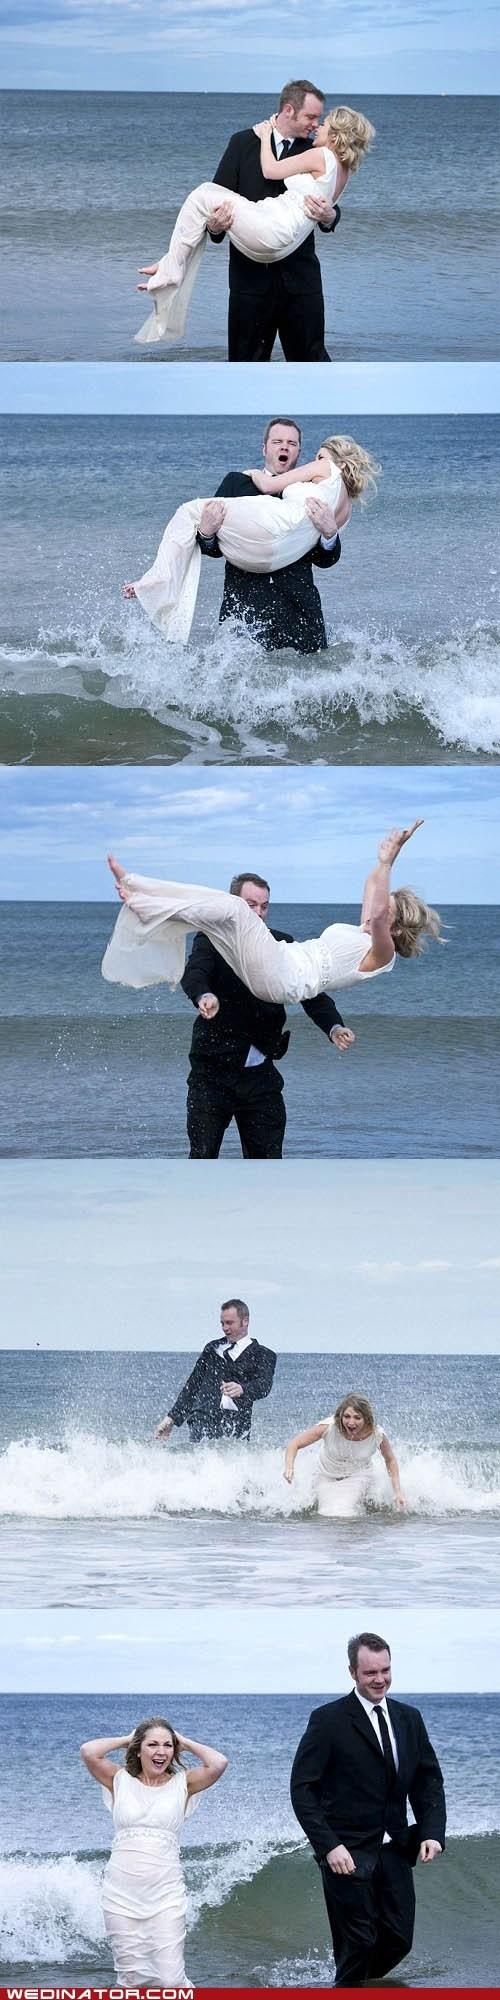 bride drop funny wedding photos groom North Sea ocean underwater - 6478178816